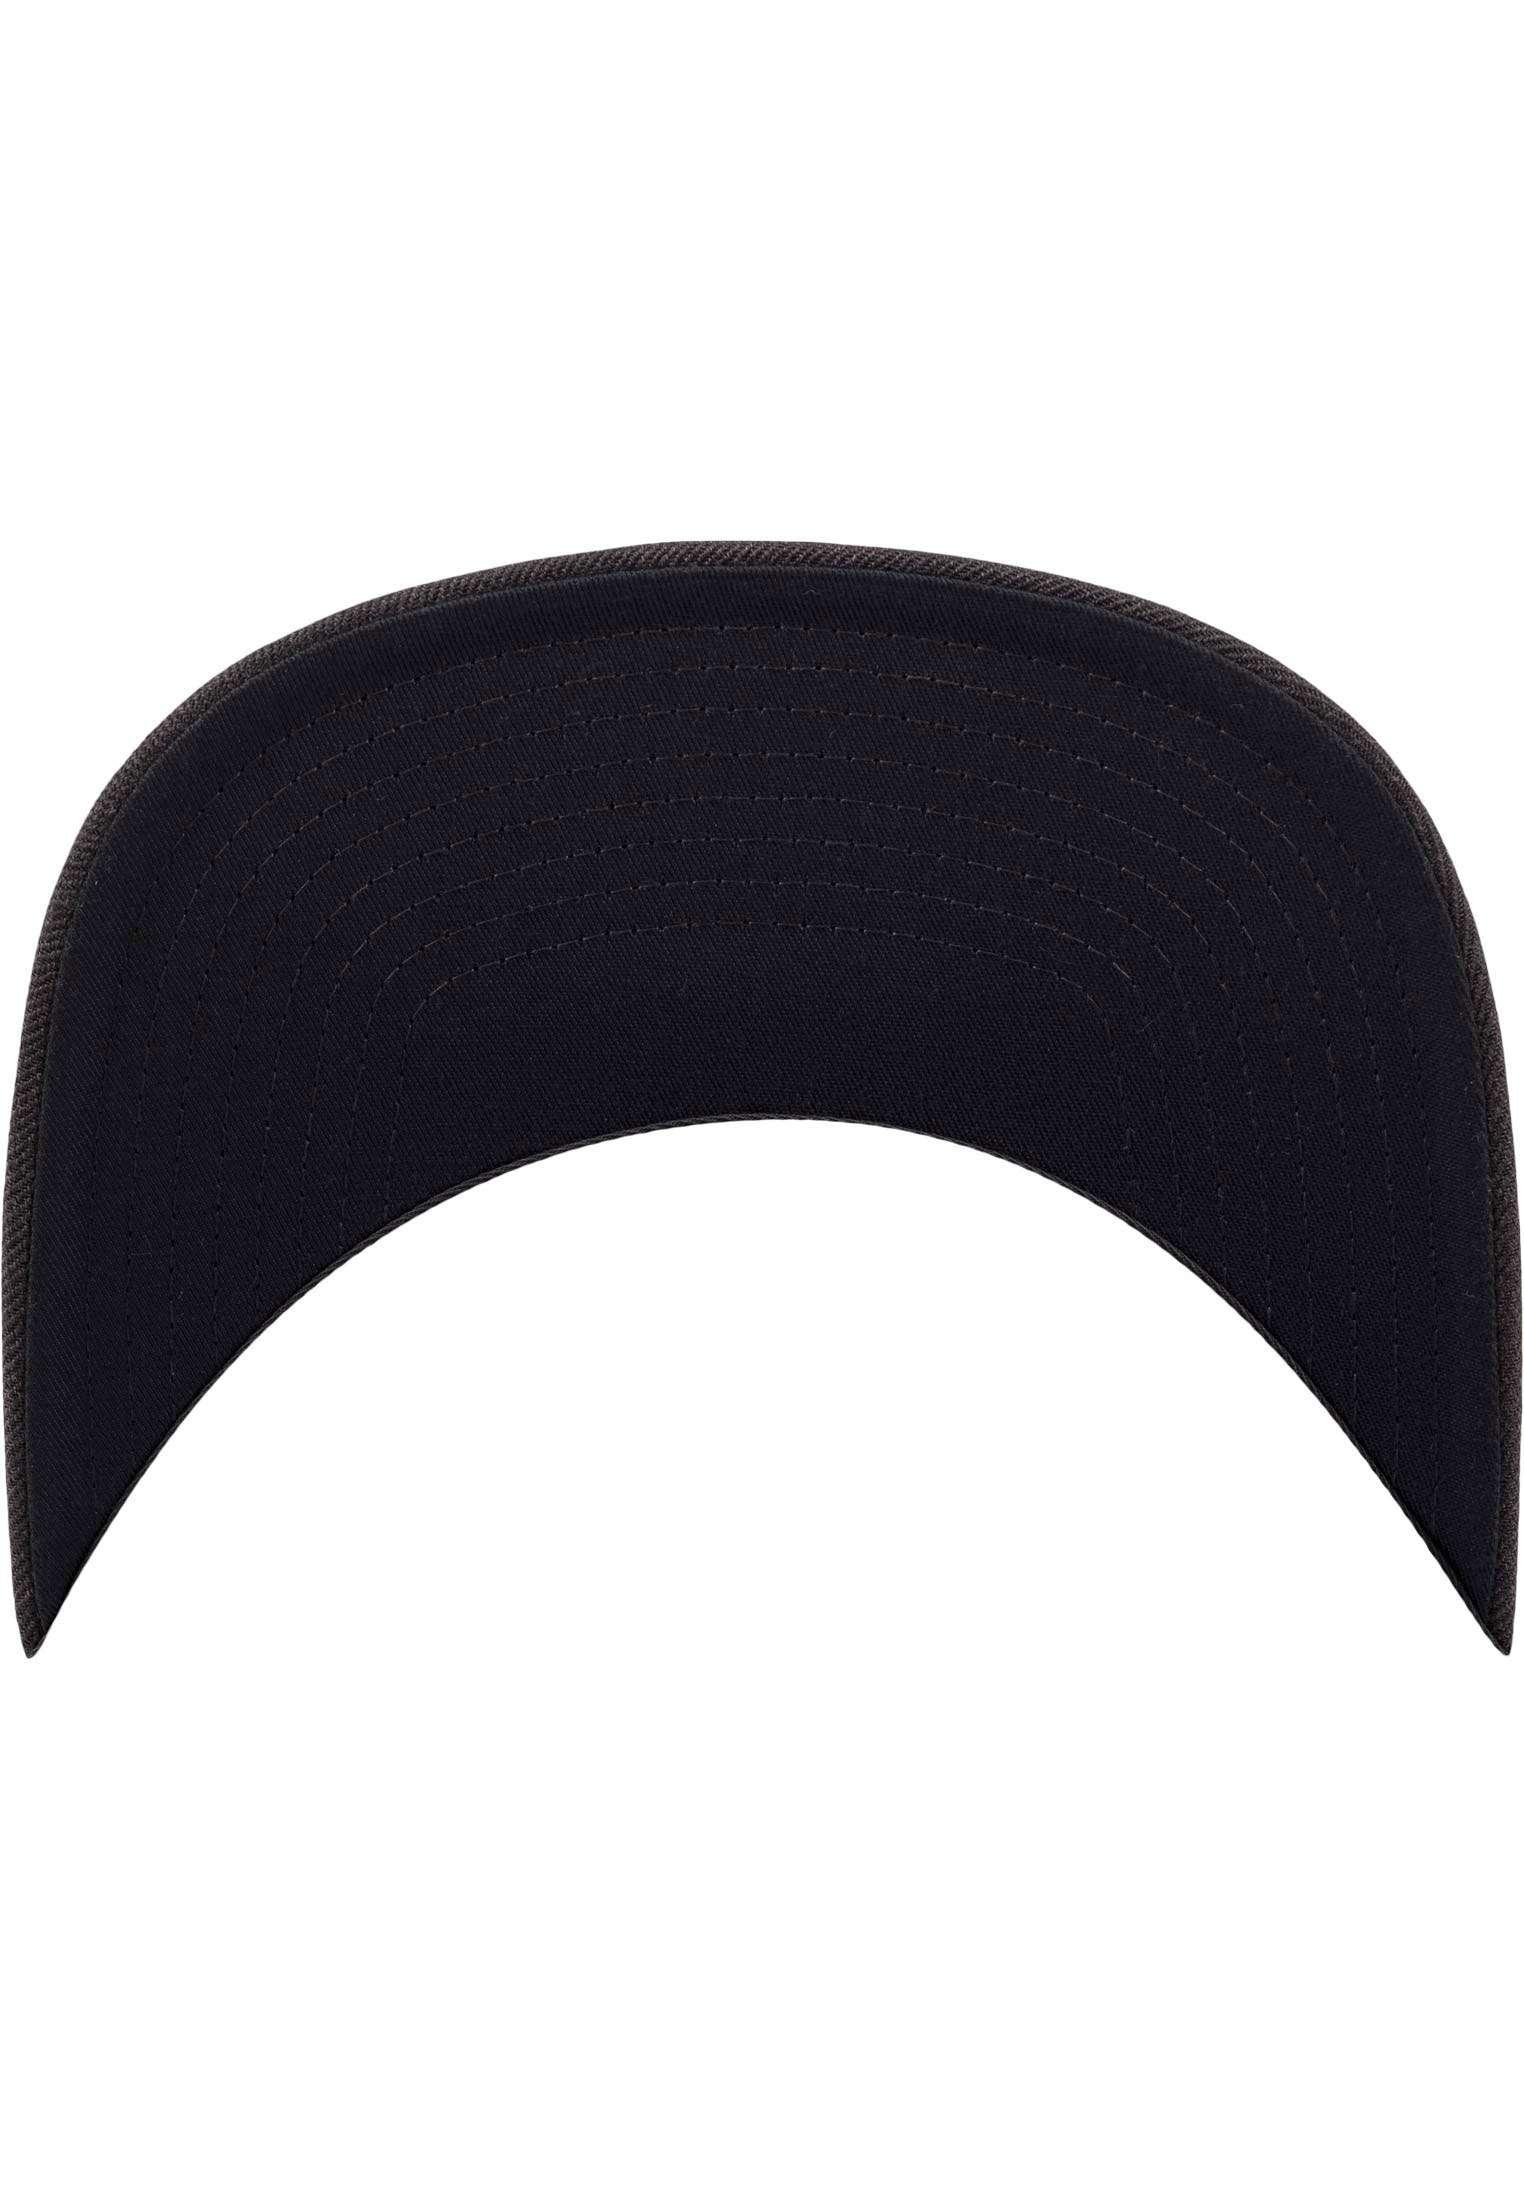 Snapback Cap besticken - Snapback Cap Classic dunkelgrau/dunkelgrau 6 PANNEAUX verstellbar Unterschild